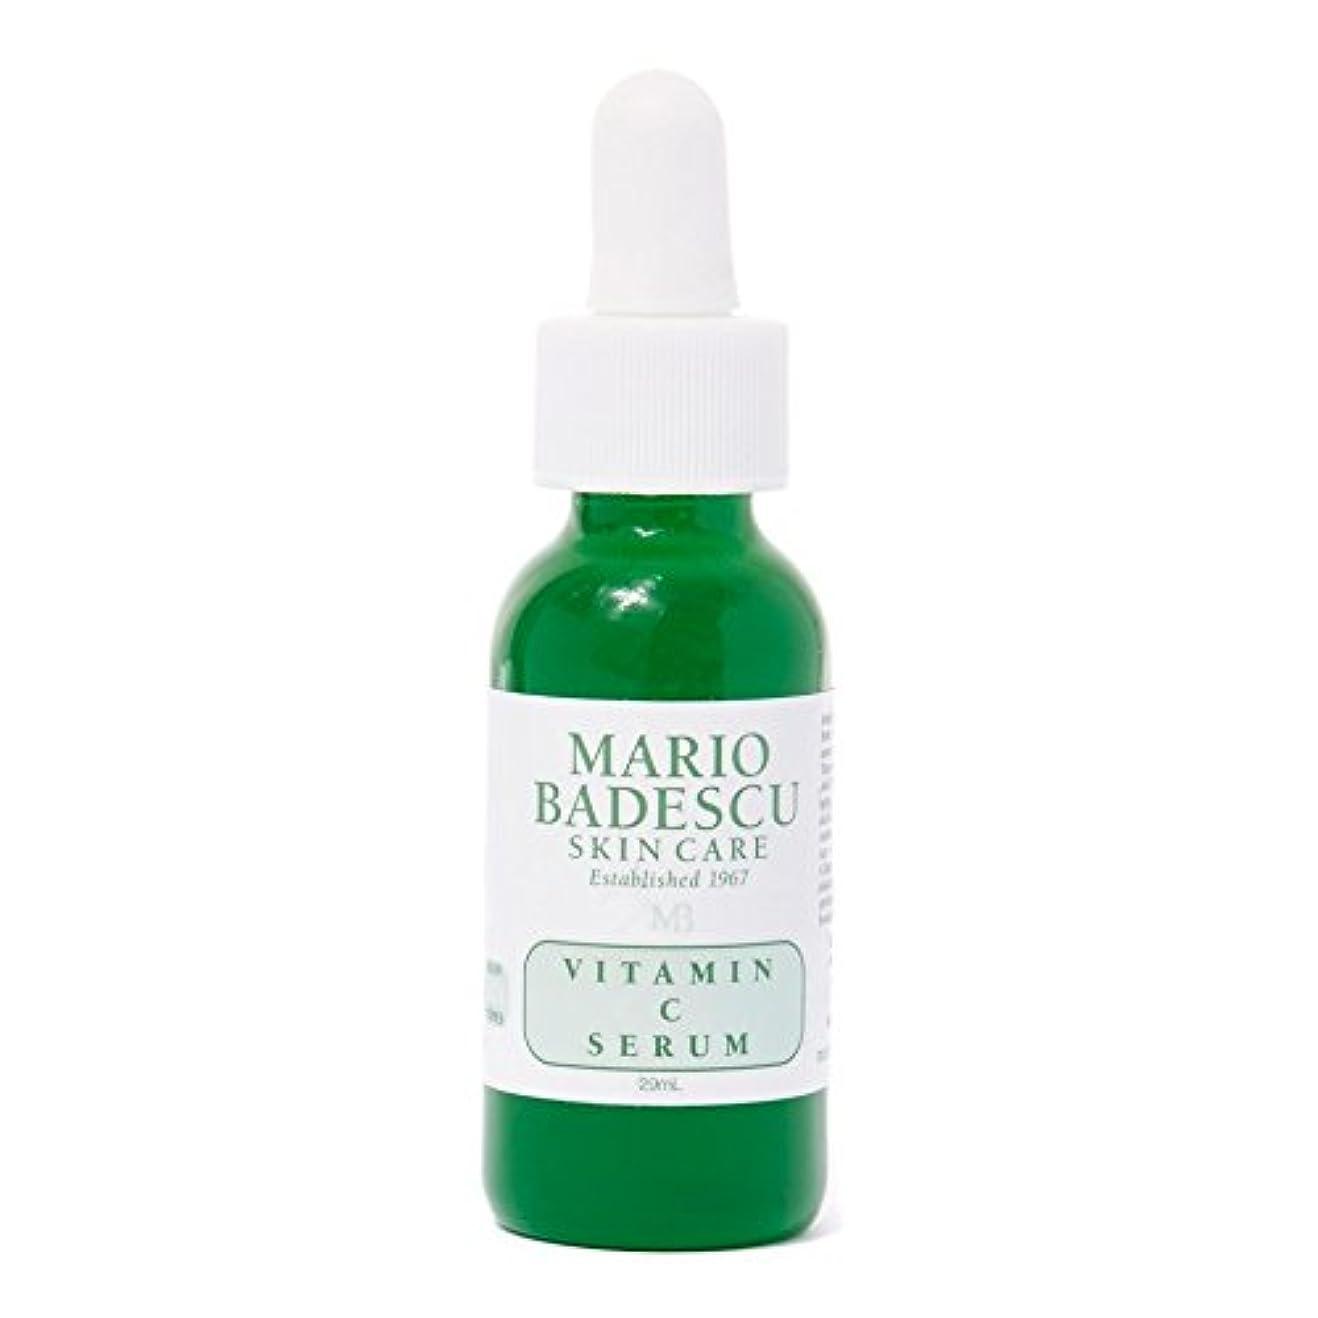 リフトホイスト接続されたMario Badescu Vitamin C Serum 29ml - マリオ?バデスキュービタミンの血清29ミリリットル [並行輸入品]